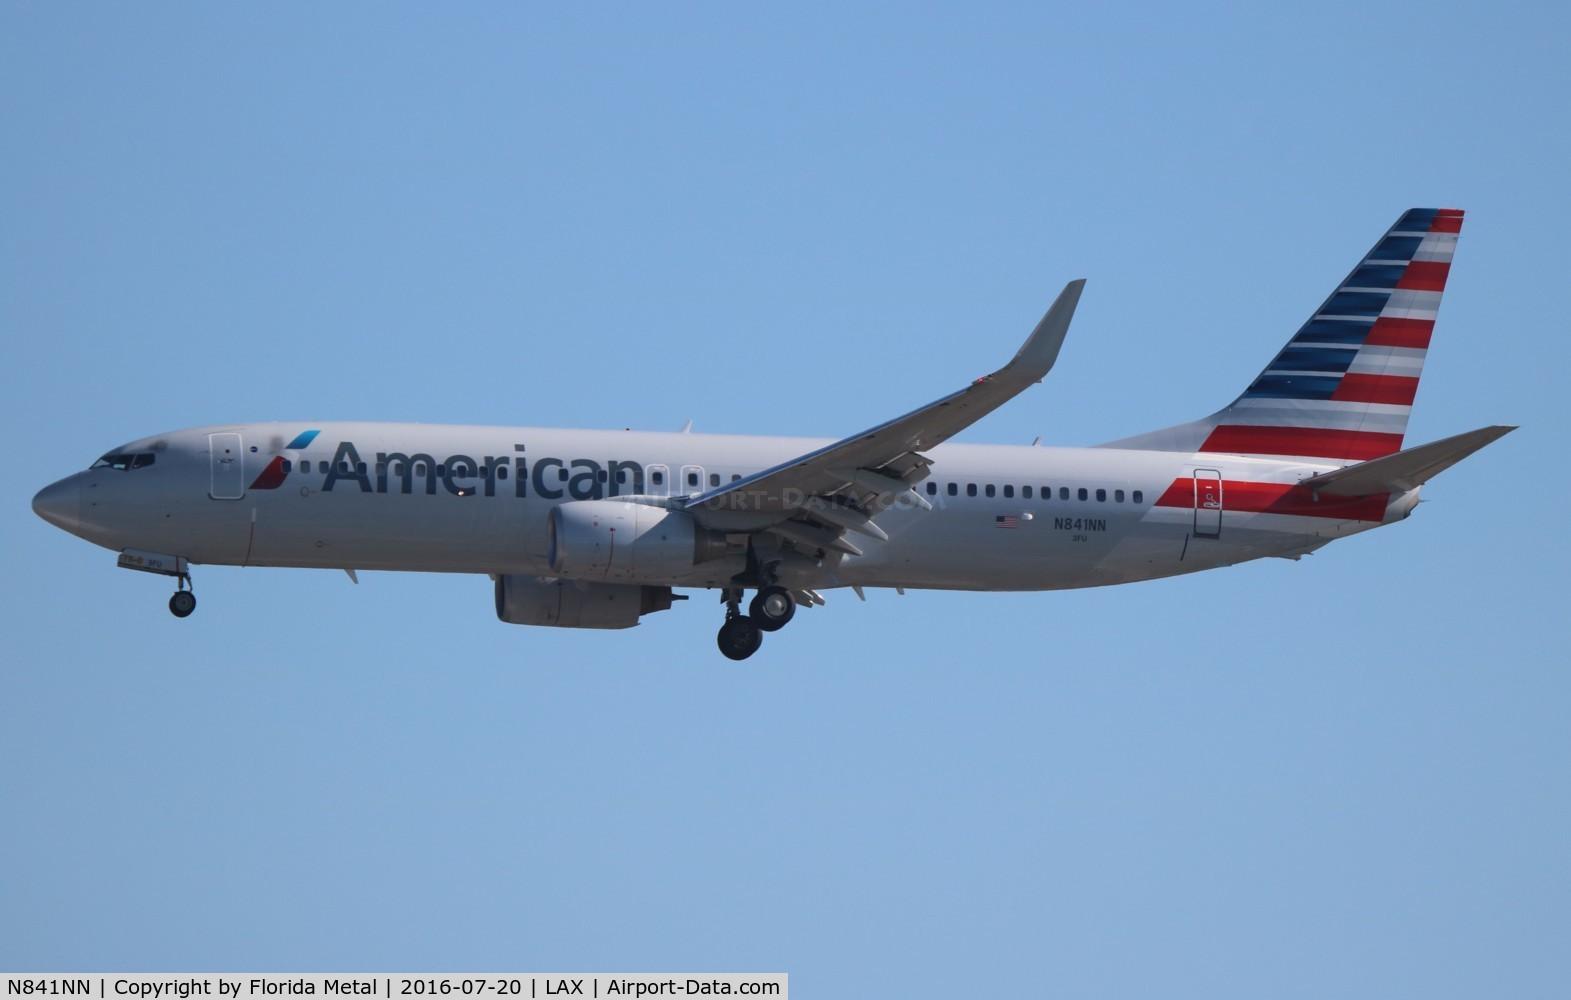 N841NN, Boeing 737-823 C/N 30914, American